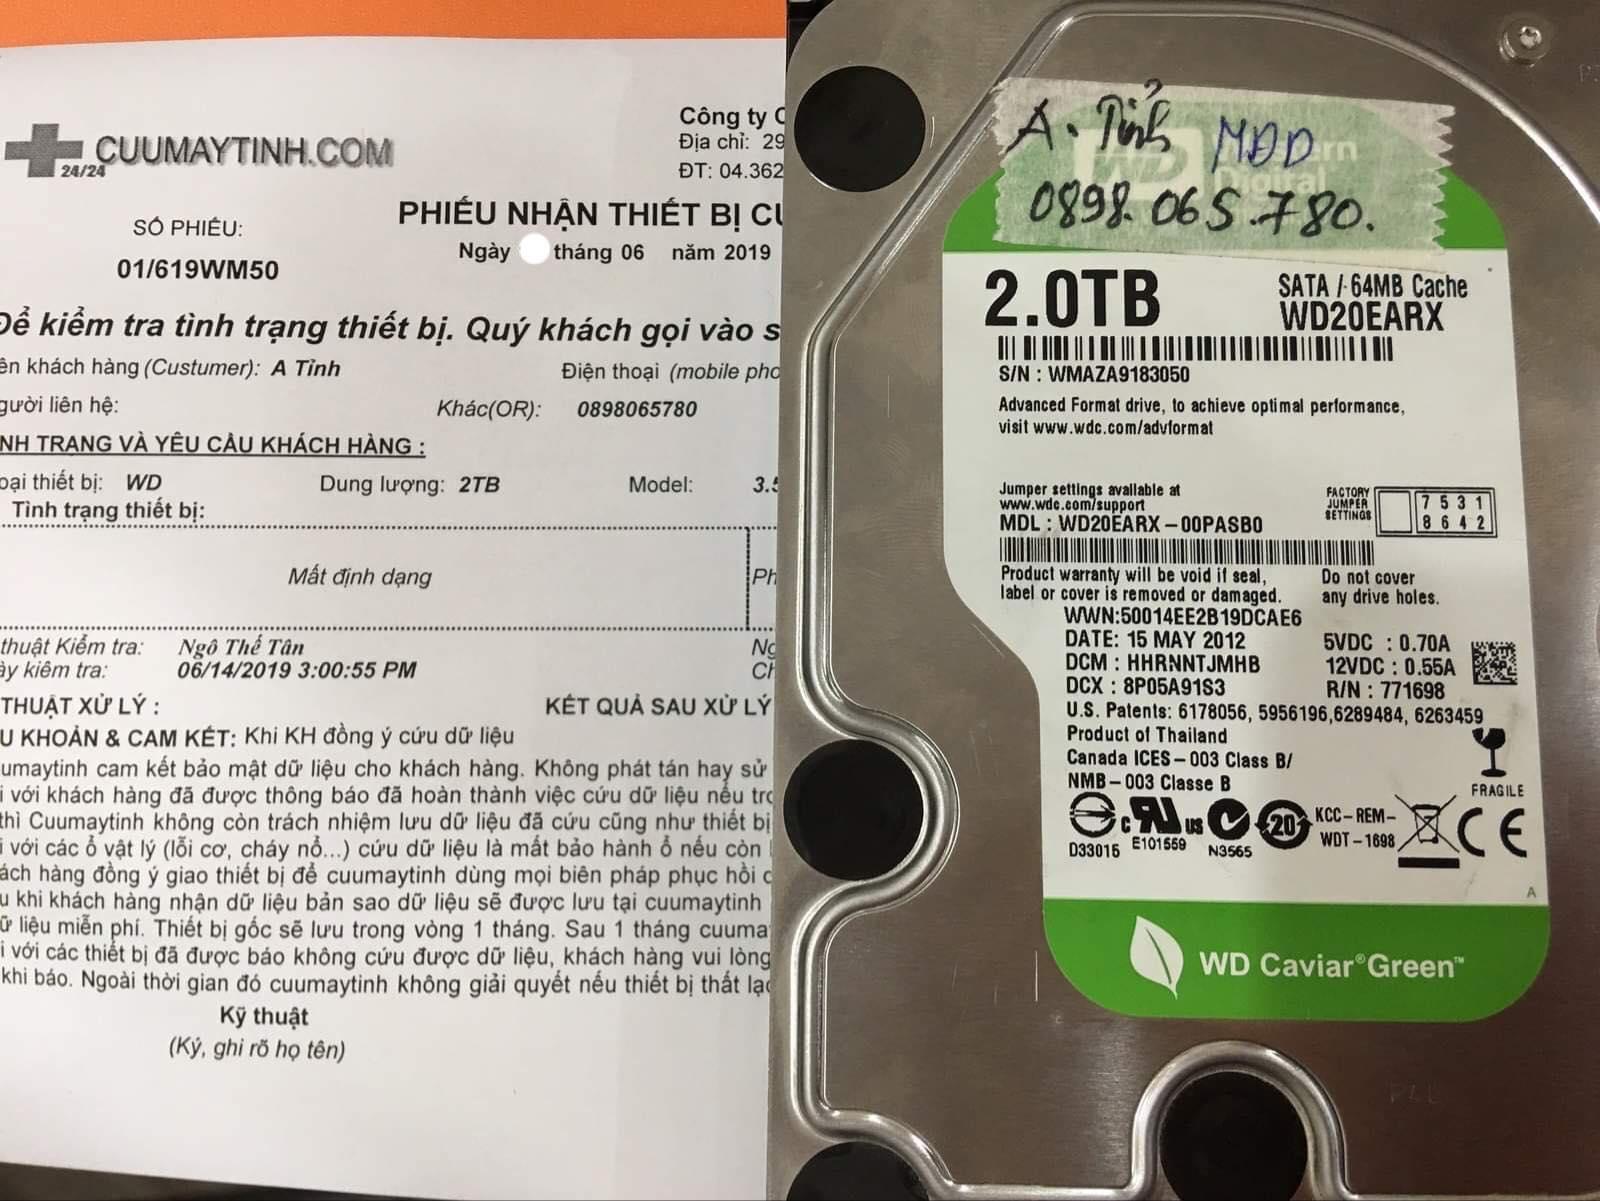 Phục hồi dữ liệu ổ cứng Western 2TB mất định dạng 28/06/2019 - cuumaytinh